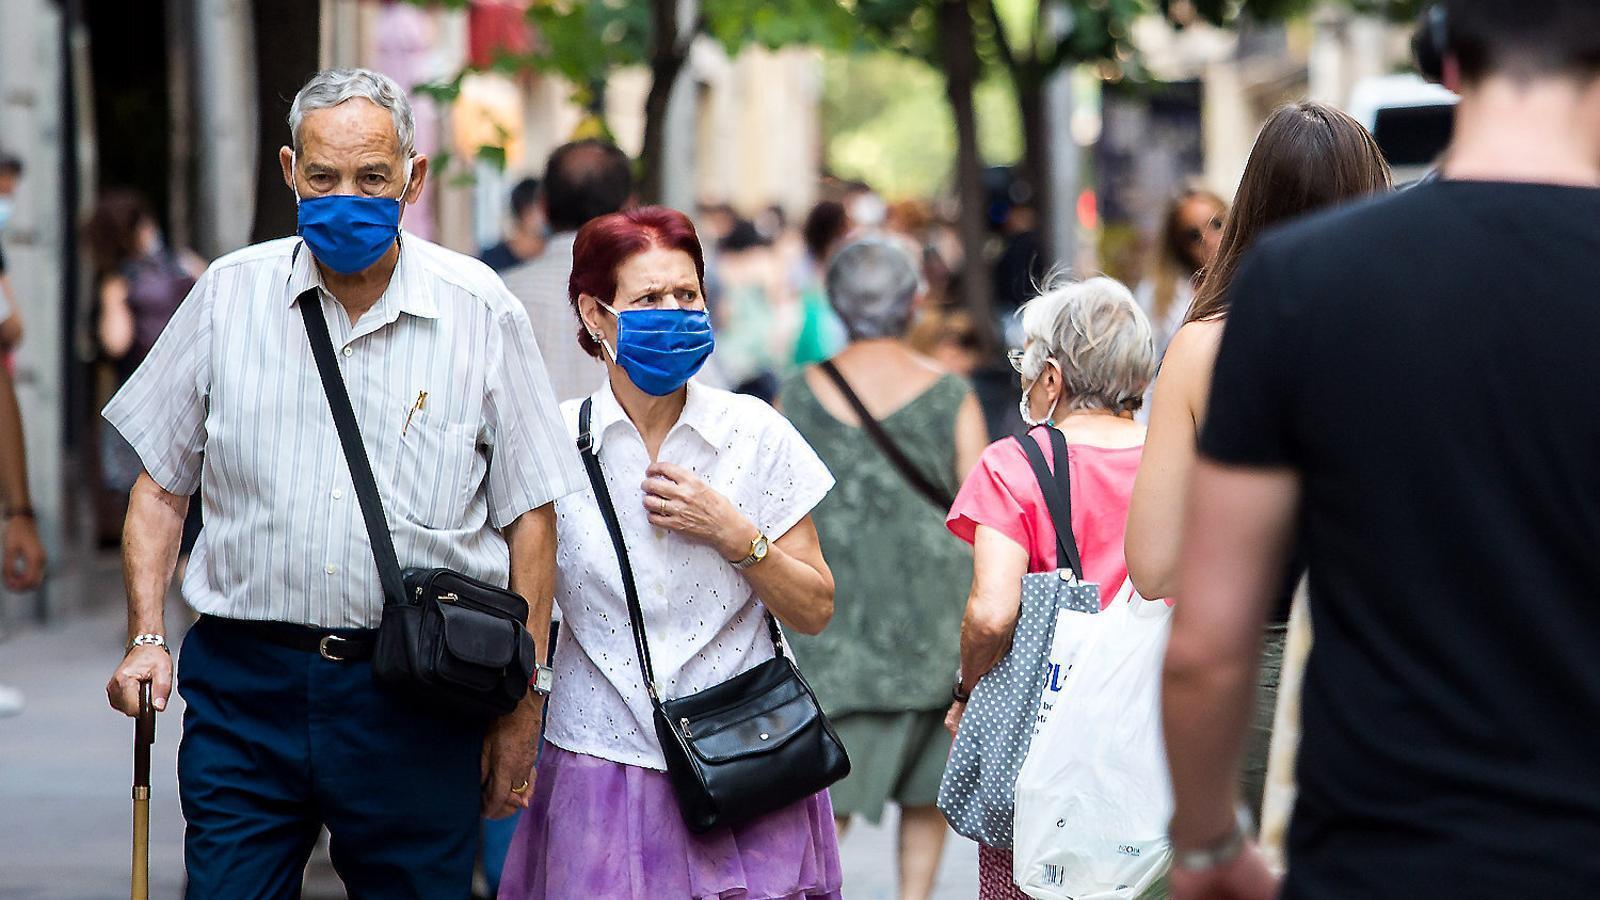 Diverses persones amb mascareta passejant pel carrer / PERE VIRGILI